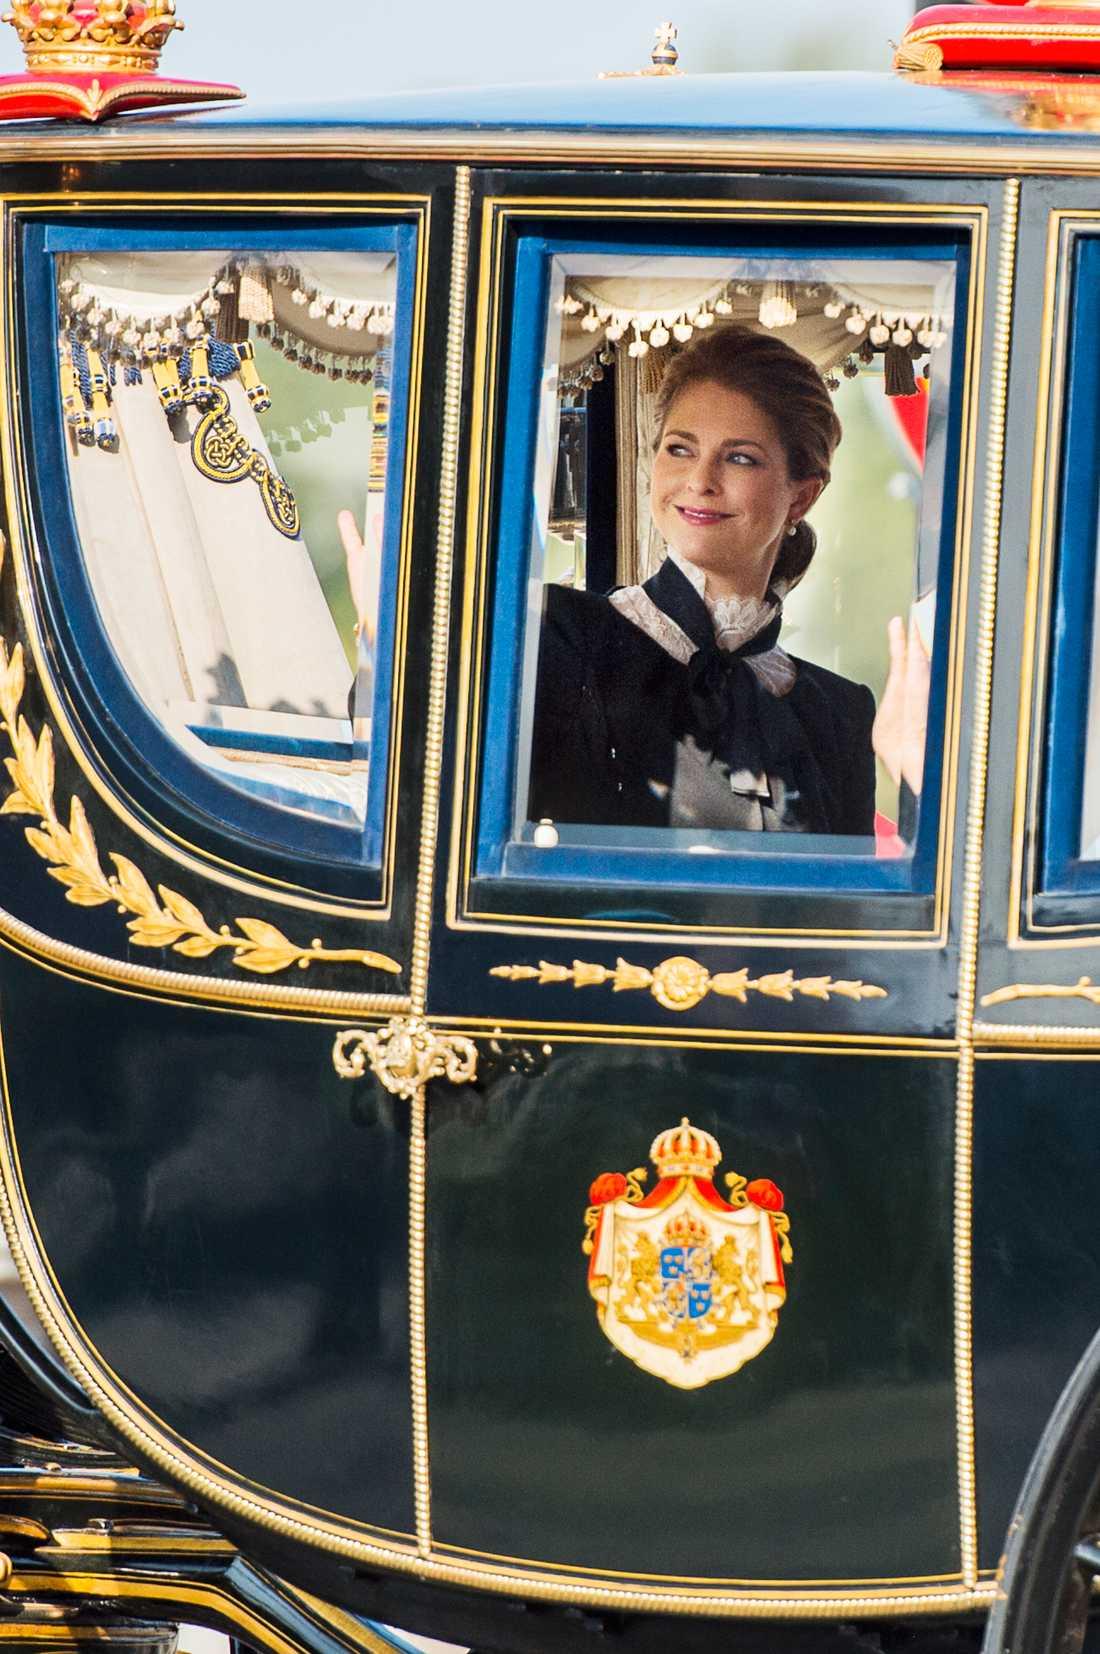 Prinsessan Madeline på väg till riksmötets öppnande.